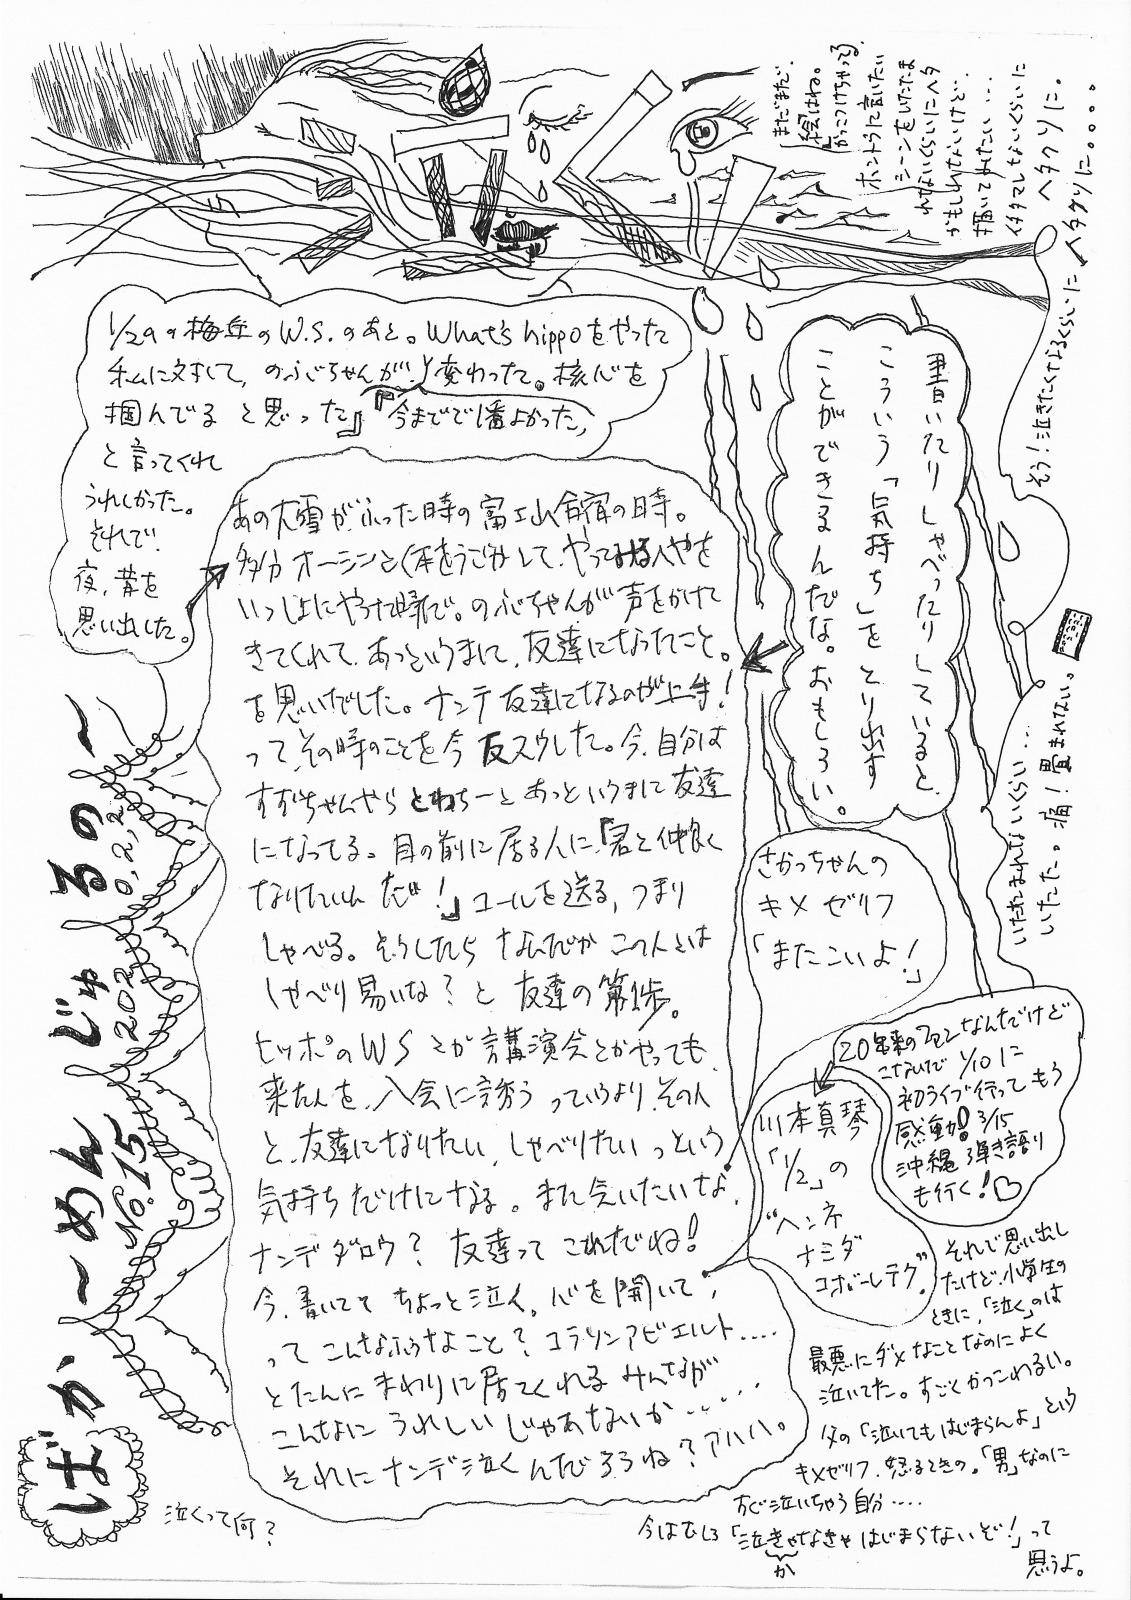 http://yoyamazaki.jp/blog/blog/%E3%81%B0%E3%81%8B%E3%83%BC%E3%82%81%E3%82%93%E3%81%98%E3%82%85%E3%82%8B%E3%81%AE15.jpg